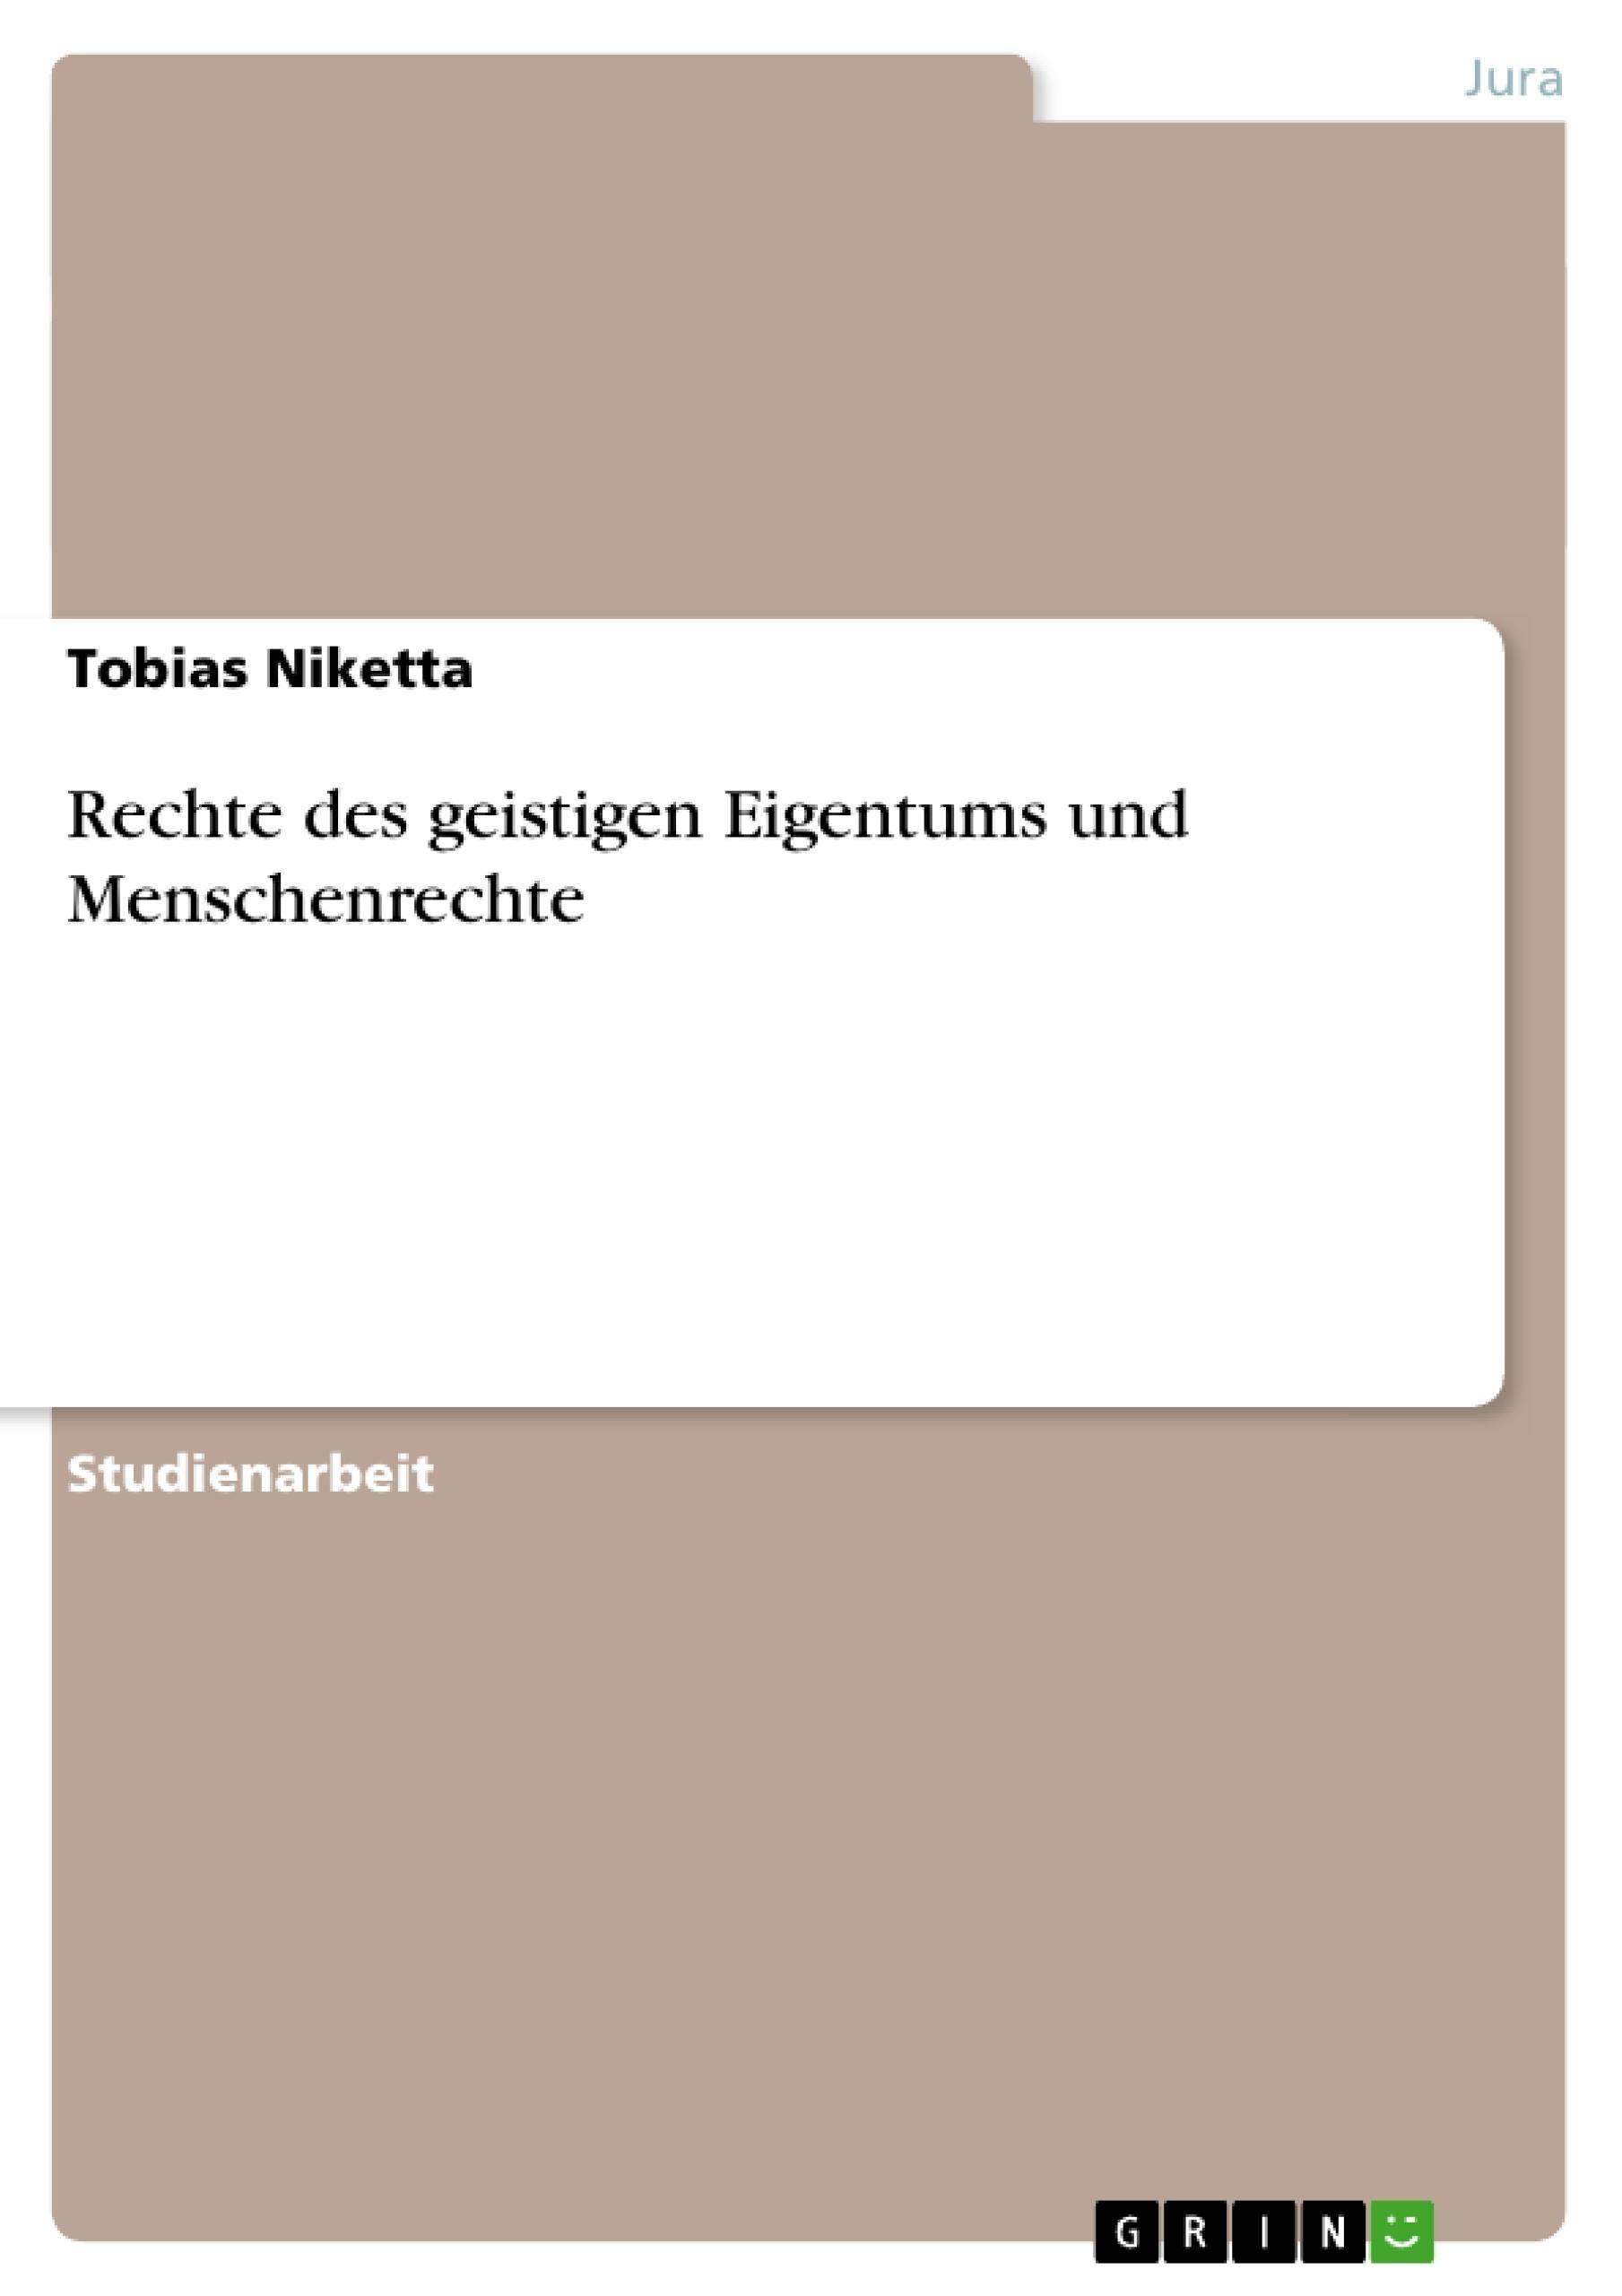 Titel: Rechte des geistigen Eigentums und Menschenrechte